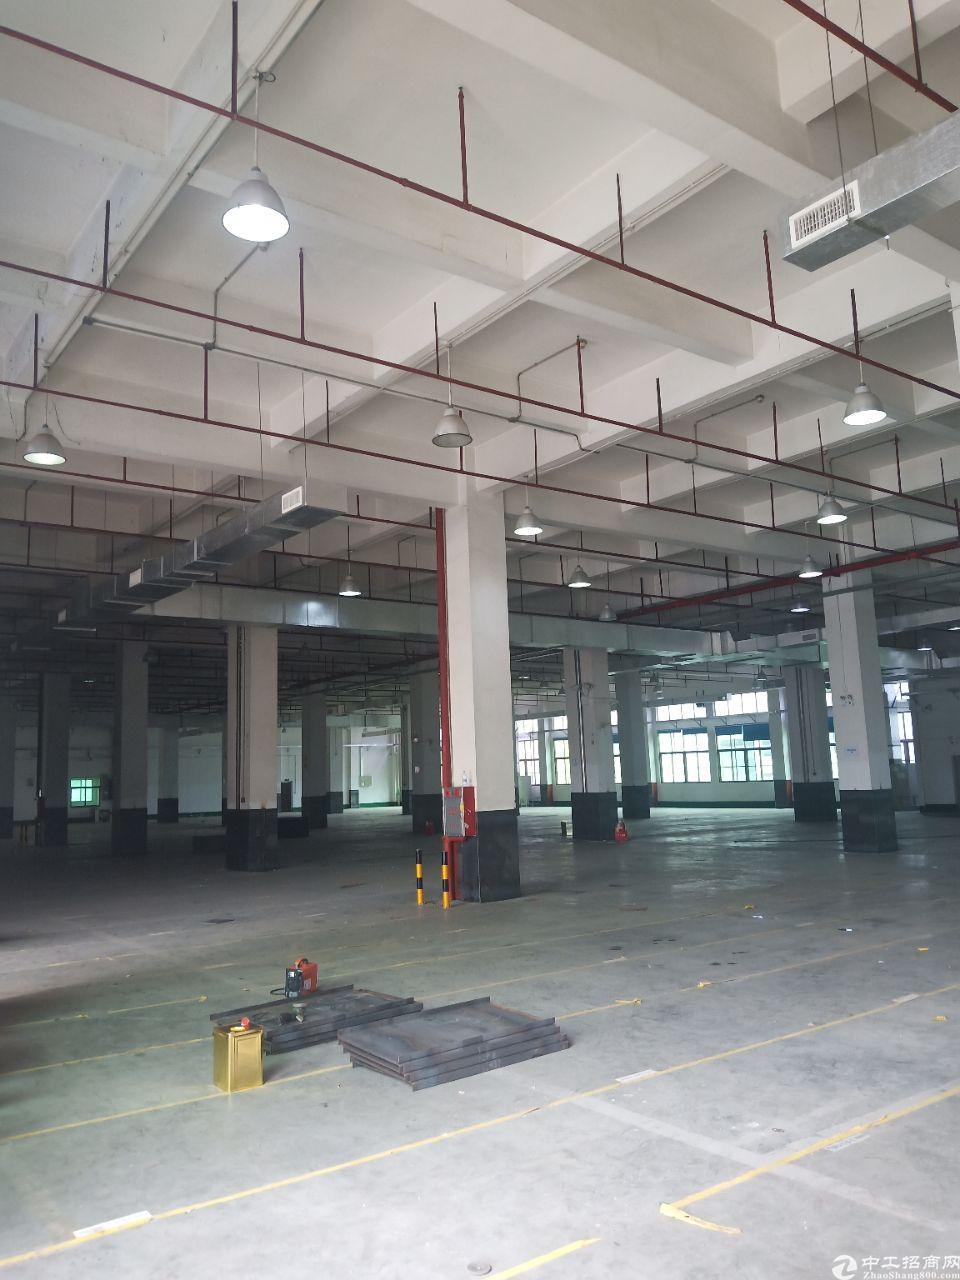 东城新出物流仓库厂房1-4层,每层5600方,共计22400